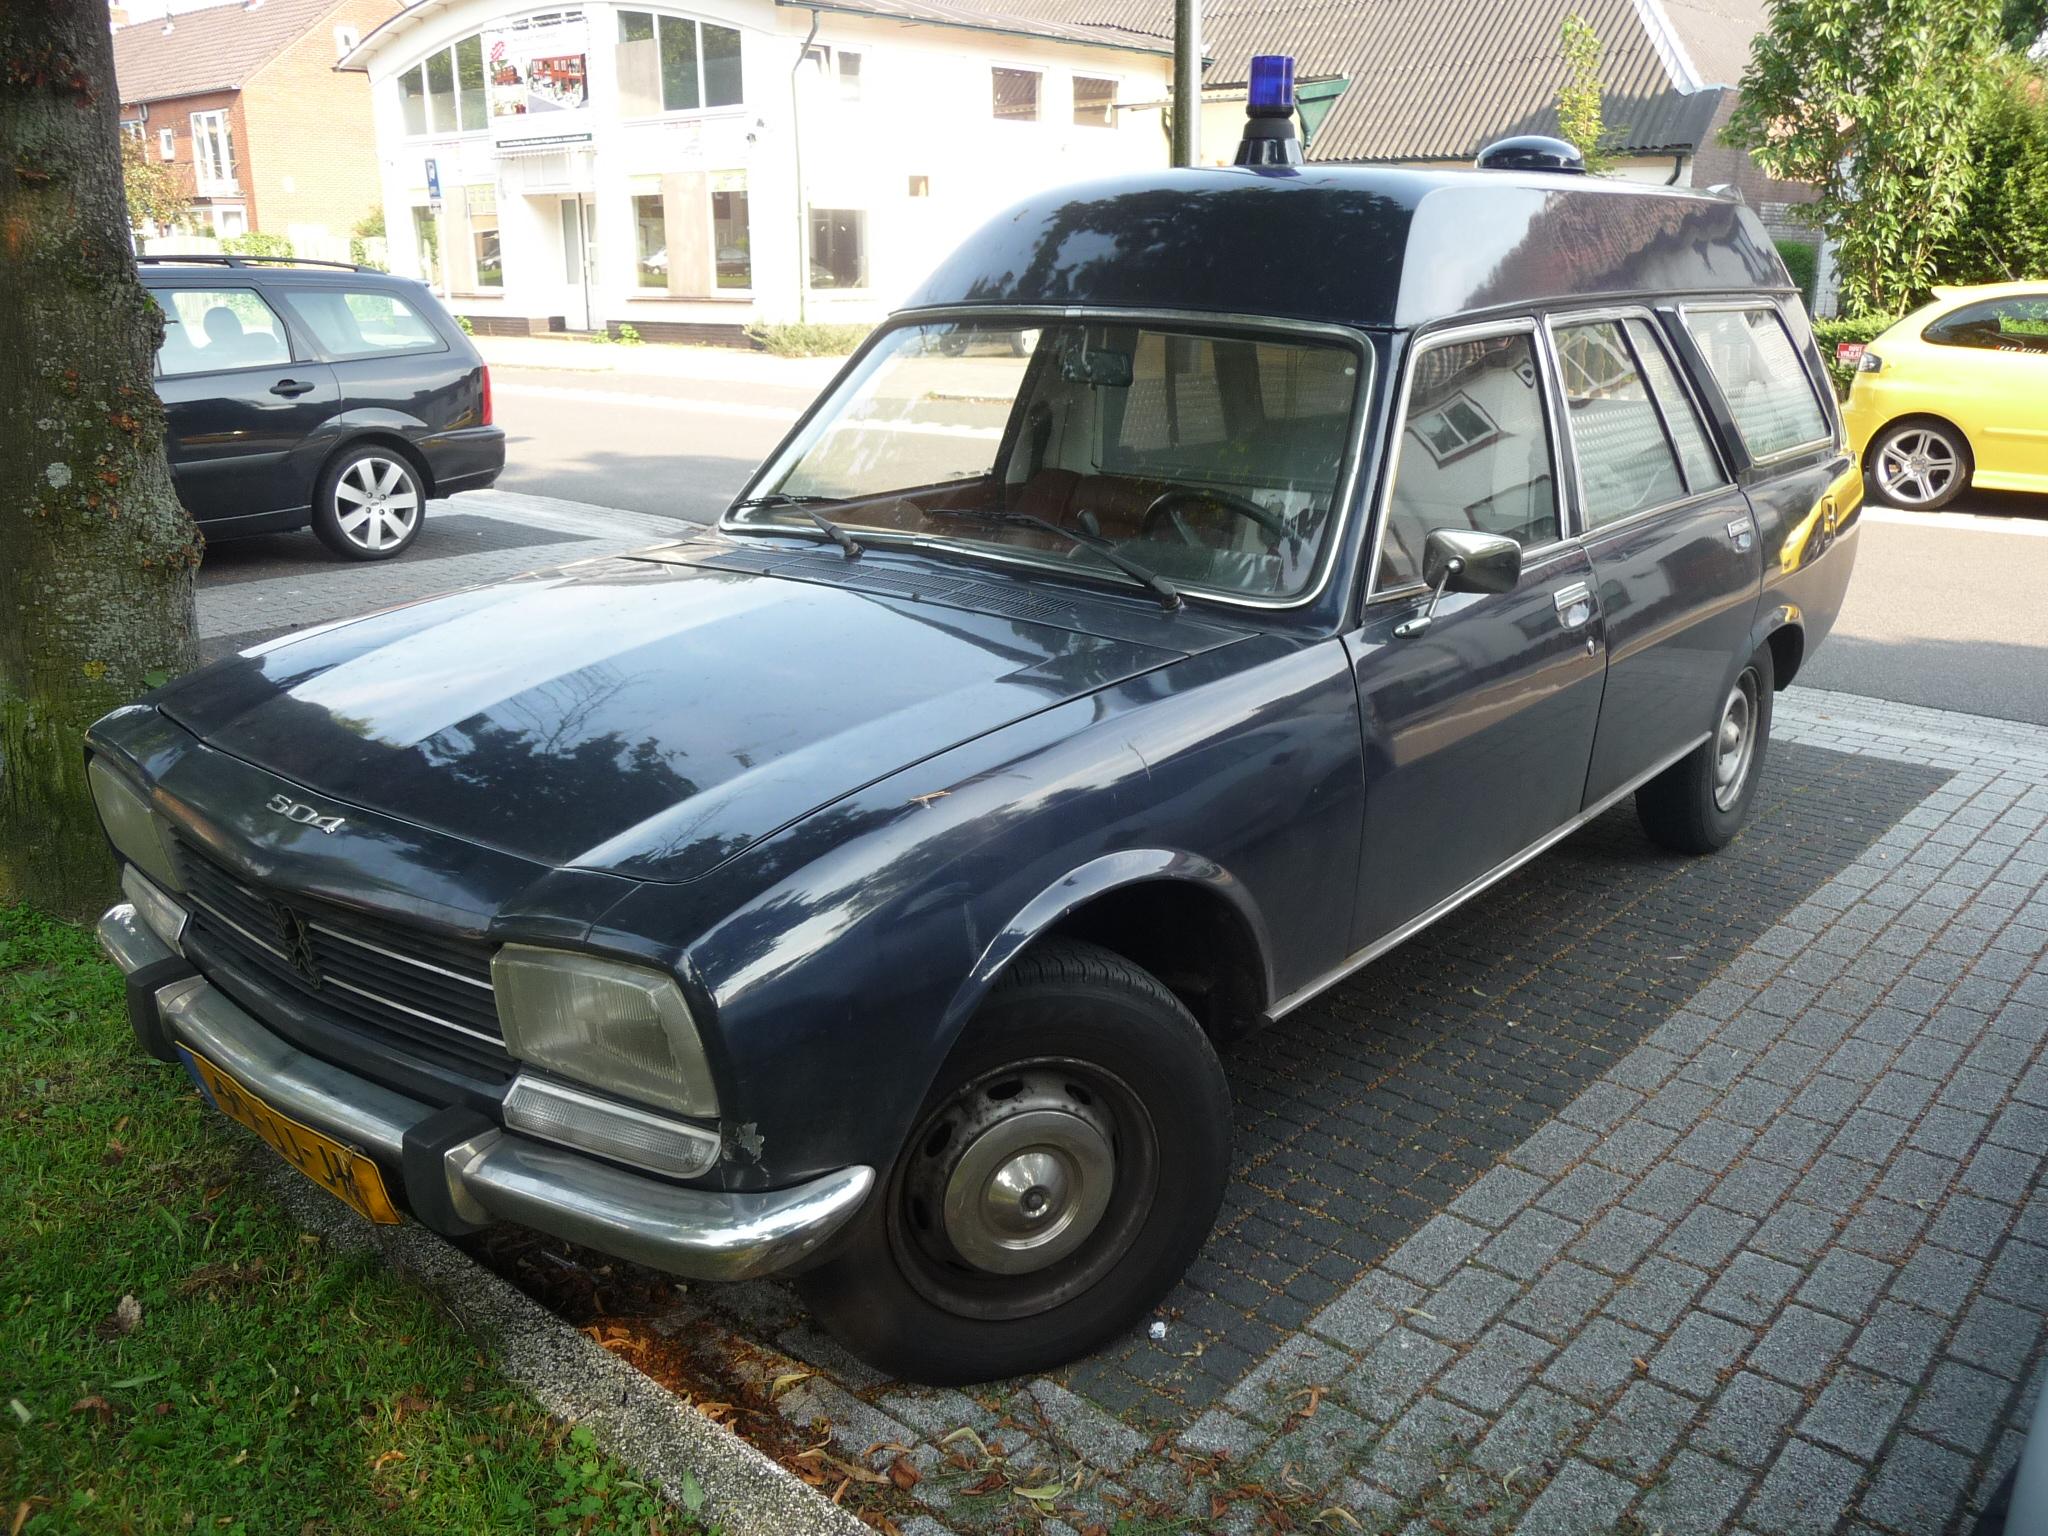 file:1978 peugeot 504 break ambulance (9066702700) - wikimedia